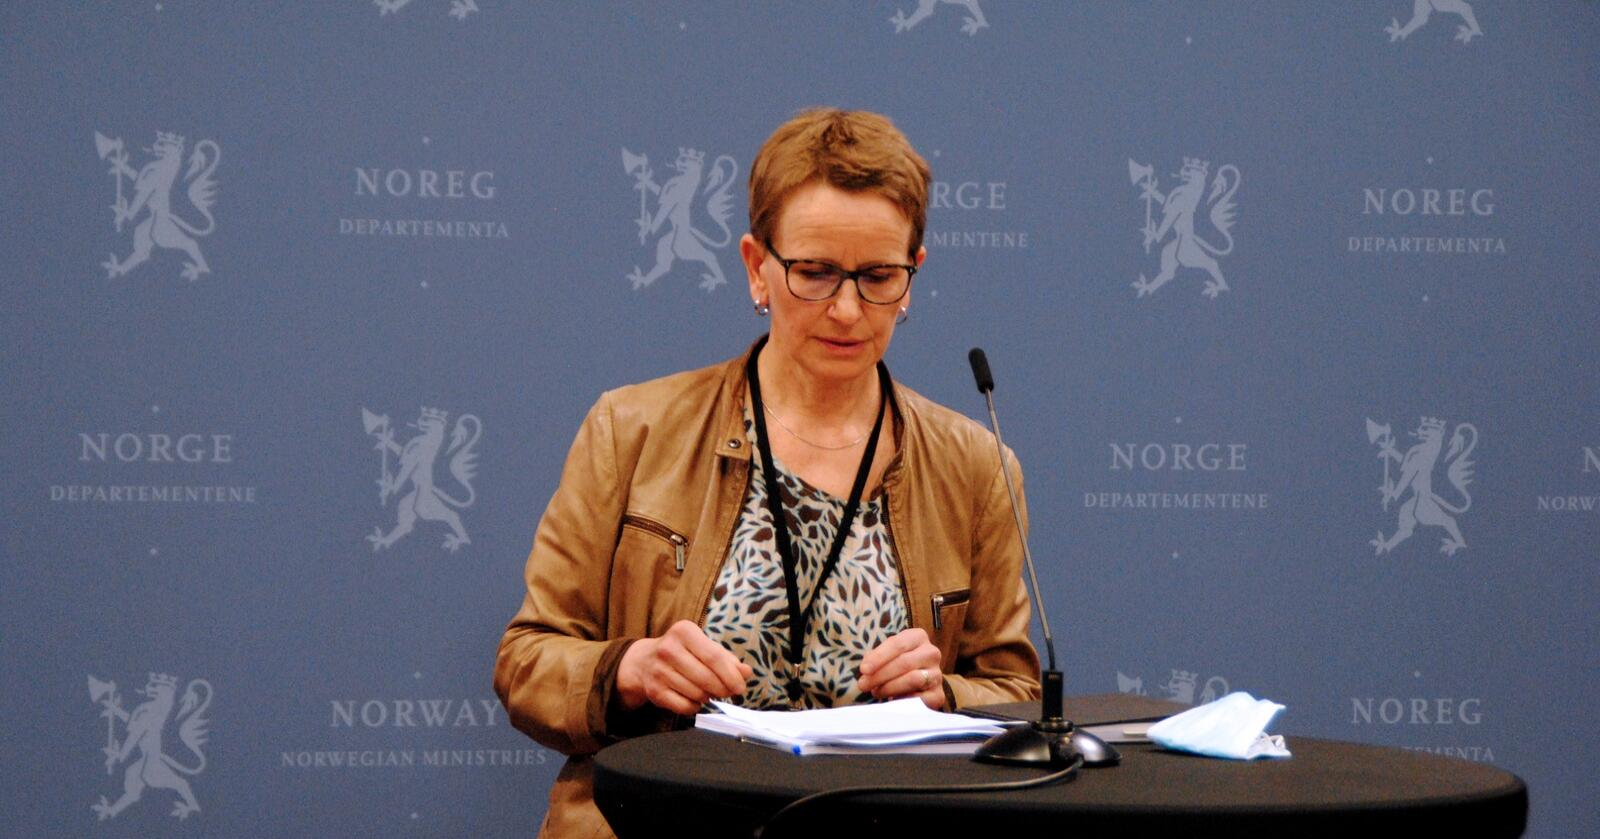 Tilbod: Statens forhandlingsleiar Viil Søyland legg tysdag føremiddag fram tilbodet i årets jordbruksoppgjer. Foto: Lars Bilit Hagen